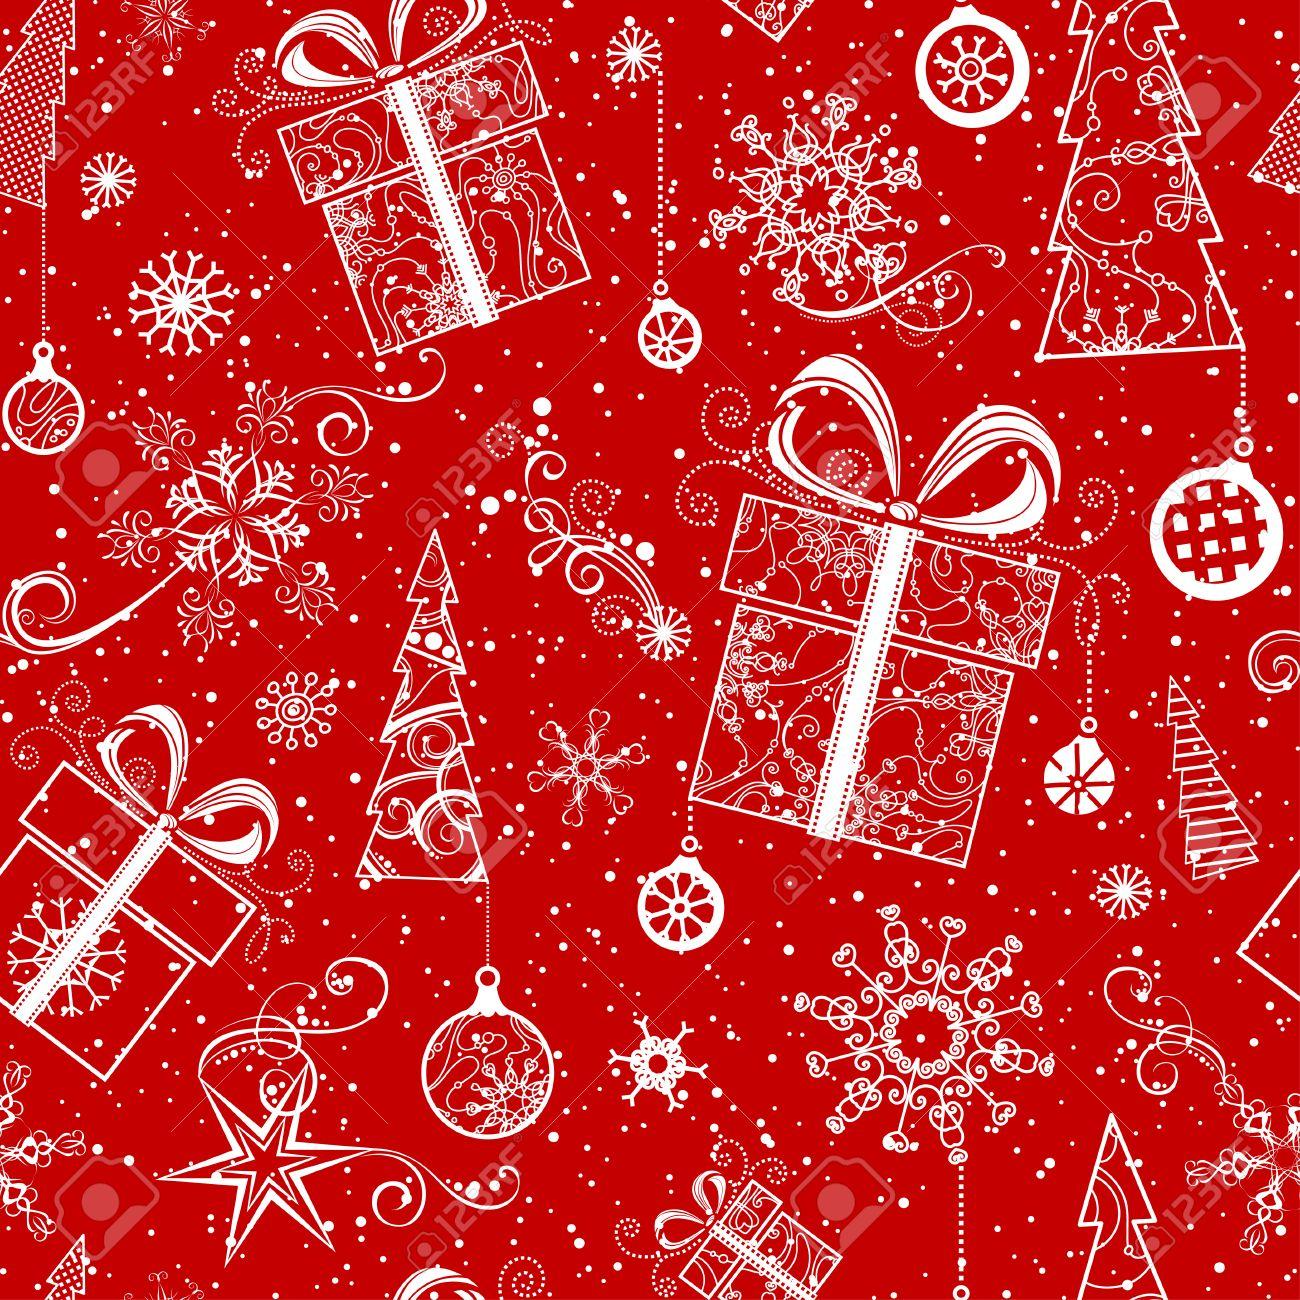 Addobbi Natalizi Vintage.Natale Modello Senza Soluzione Di Continuita Vintage Albero Di Natale Decorato Addobbi Natalizi Palle Di Natale Turbinii Stelle E Fiocchi Di